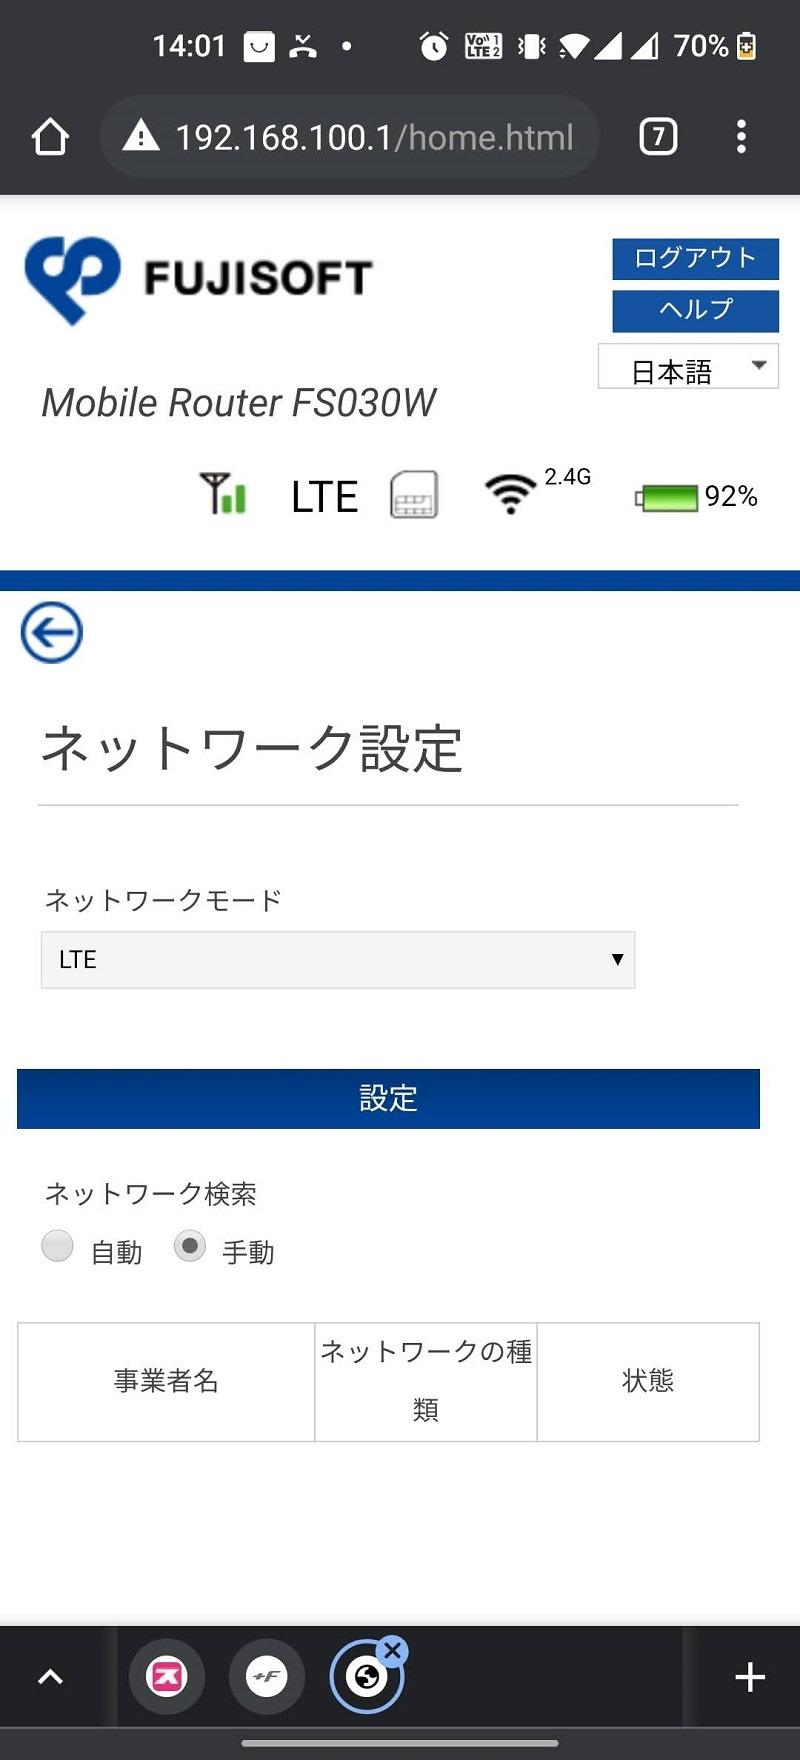 「富士ソフト +F FS030W」の管理画面